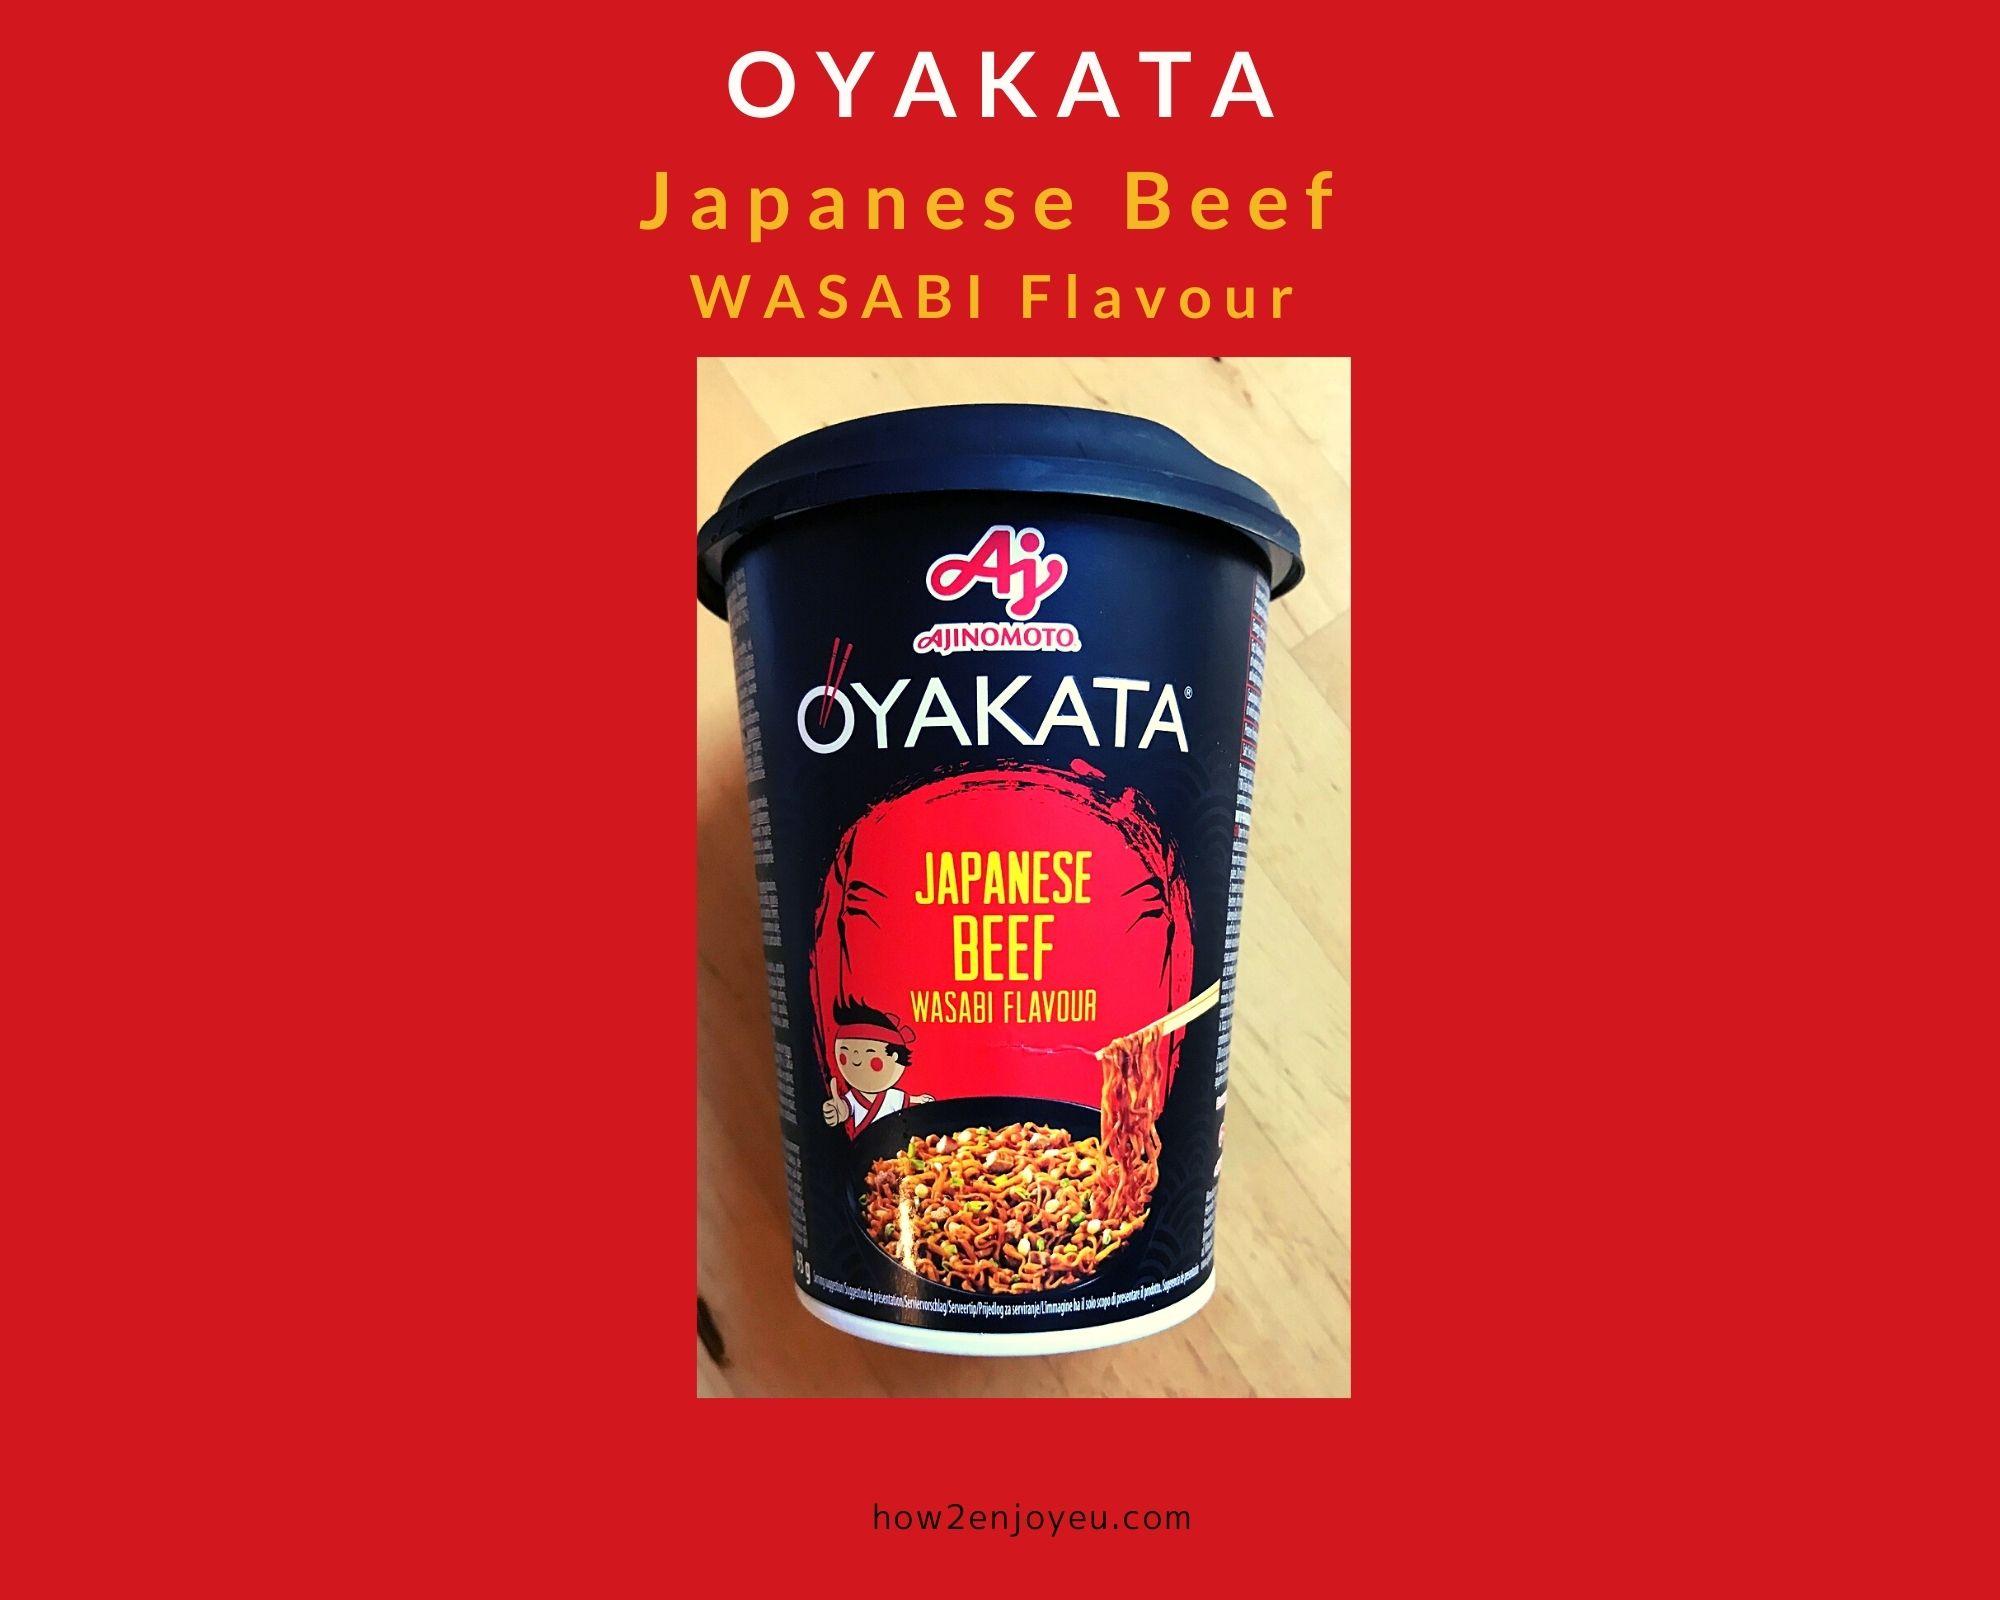 ヨーロッパの味の素が販売するカップ麺、親方シリーズの焼きそば版【Ajinomoto Oyakata Japanese Beef】